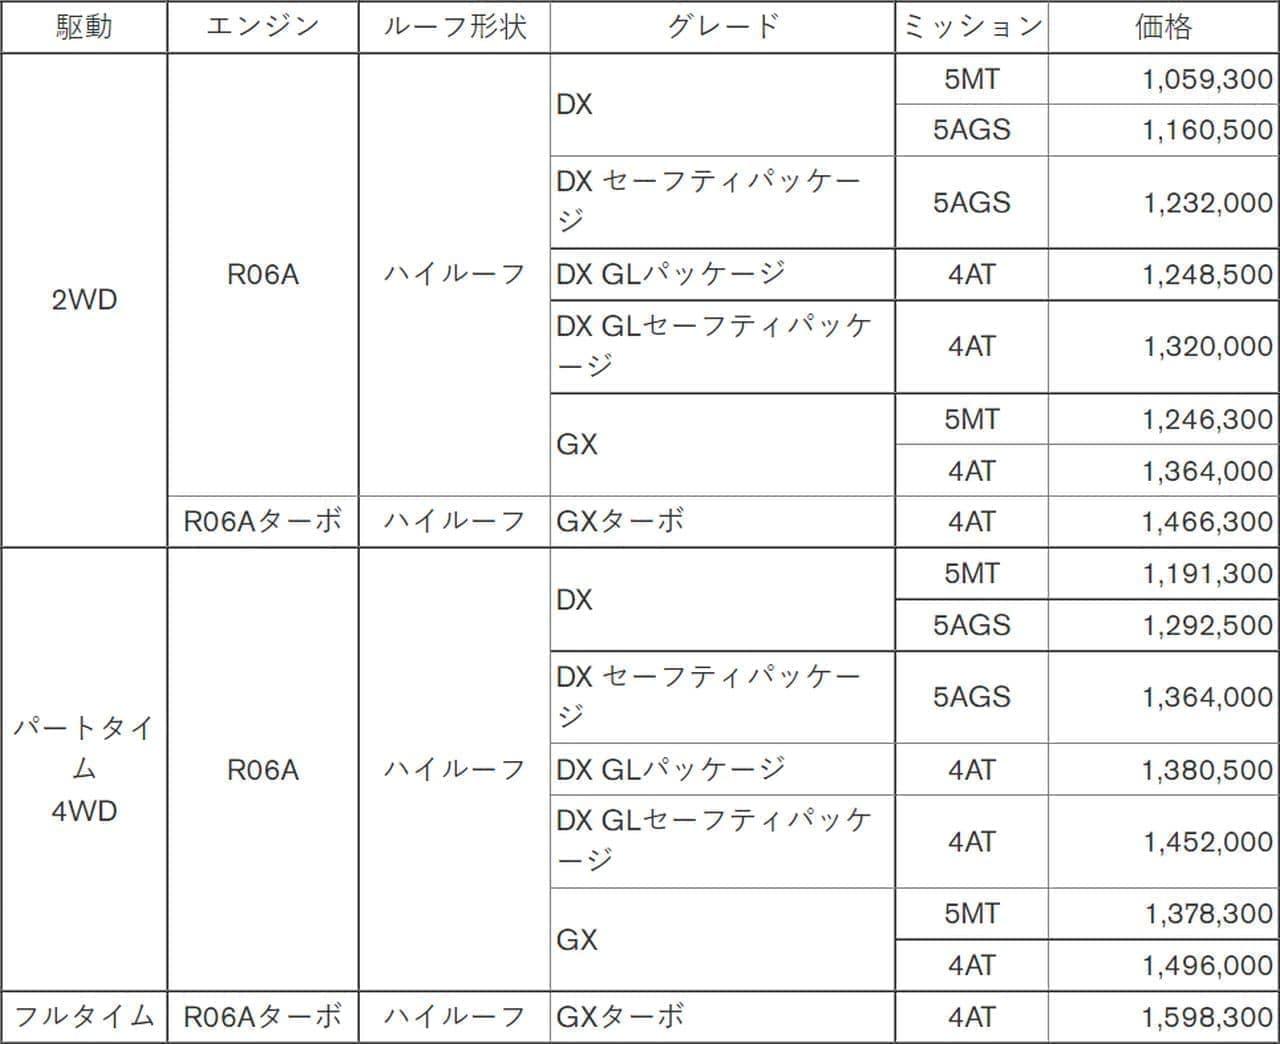 日産「NV100クリッパー」「NV100クリッパー リオ」マイチェン